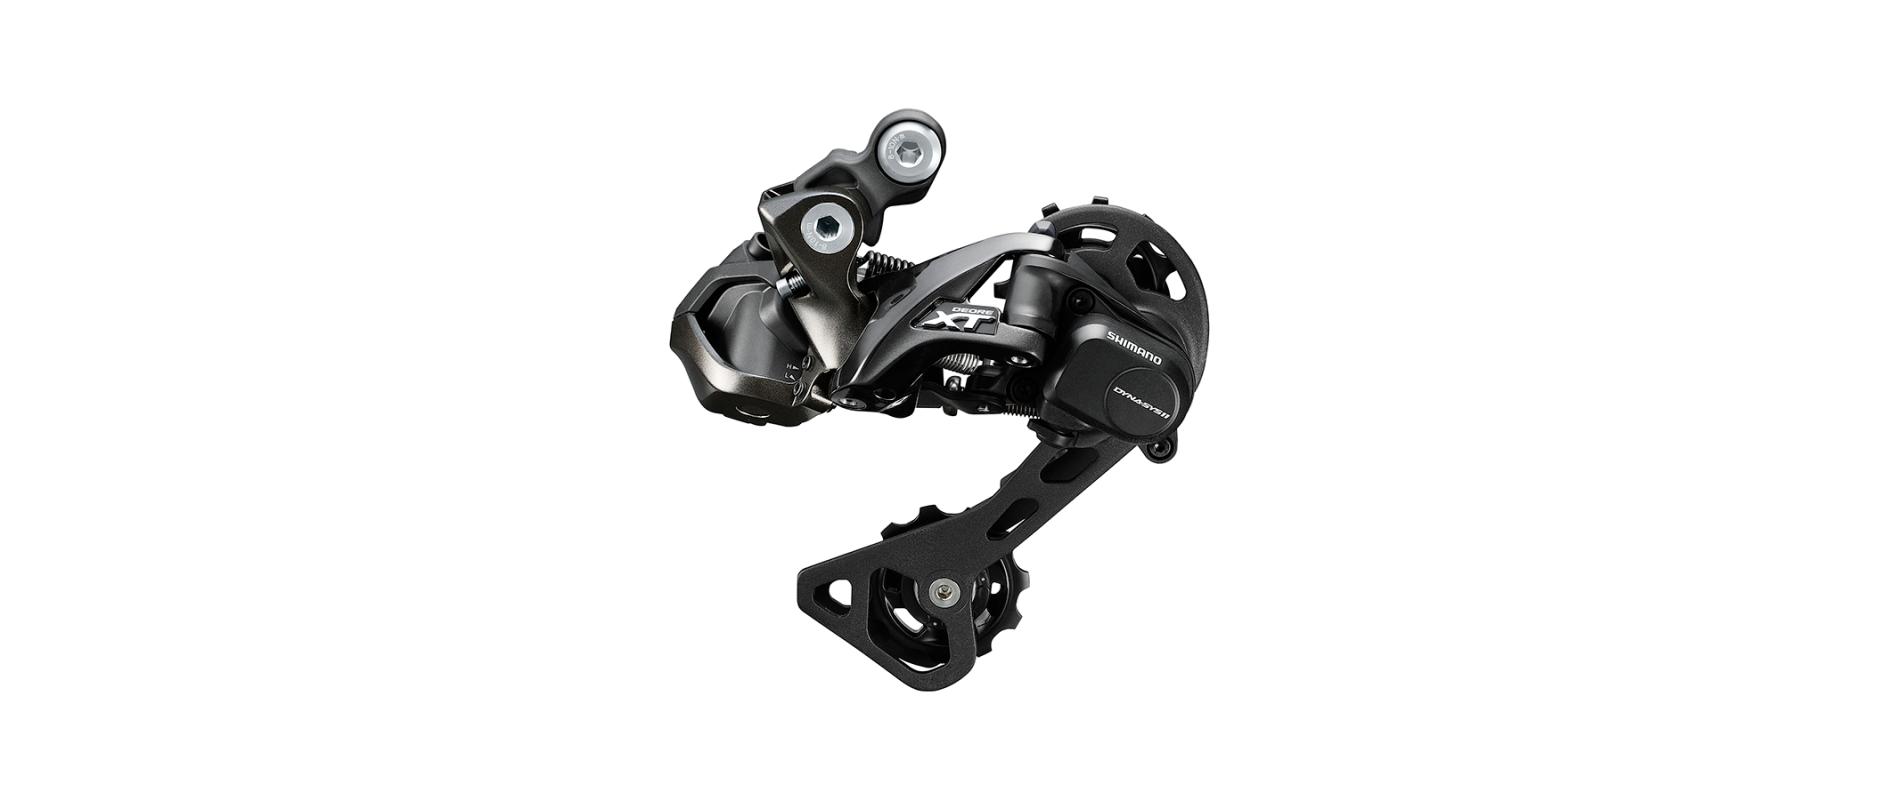 Přehazovačka Shimano Deore XT Di2 RD-M8050-GS - střední